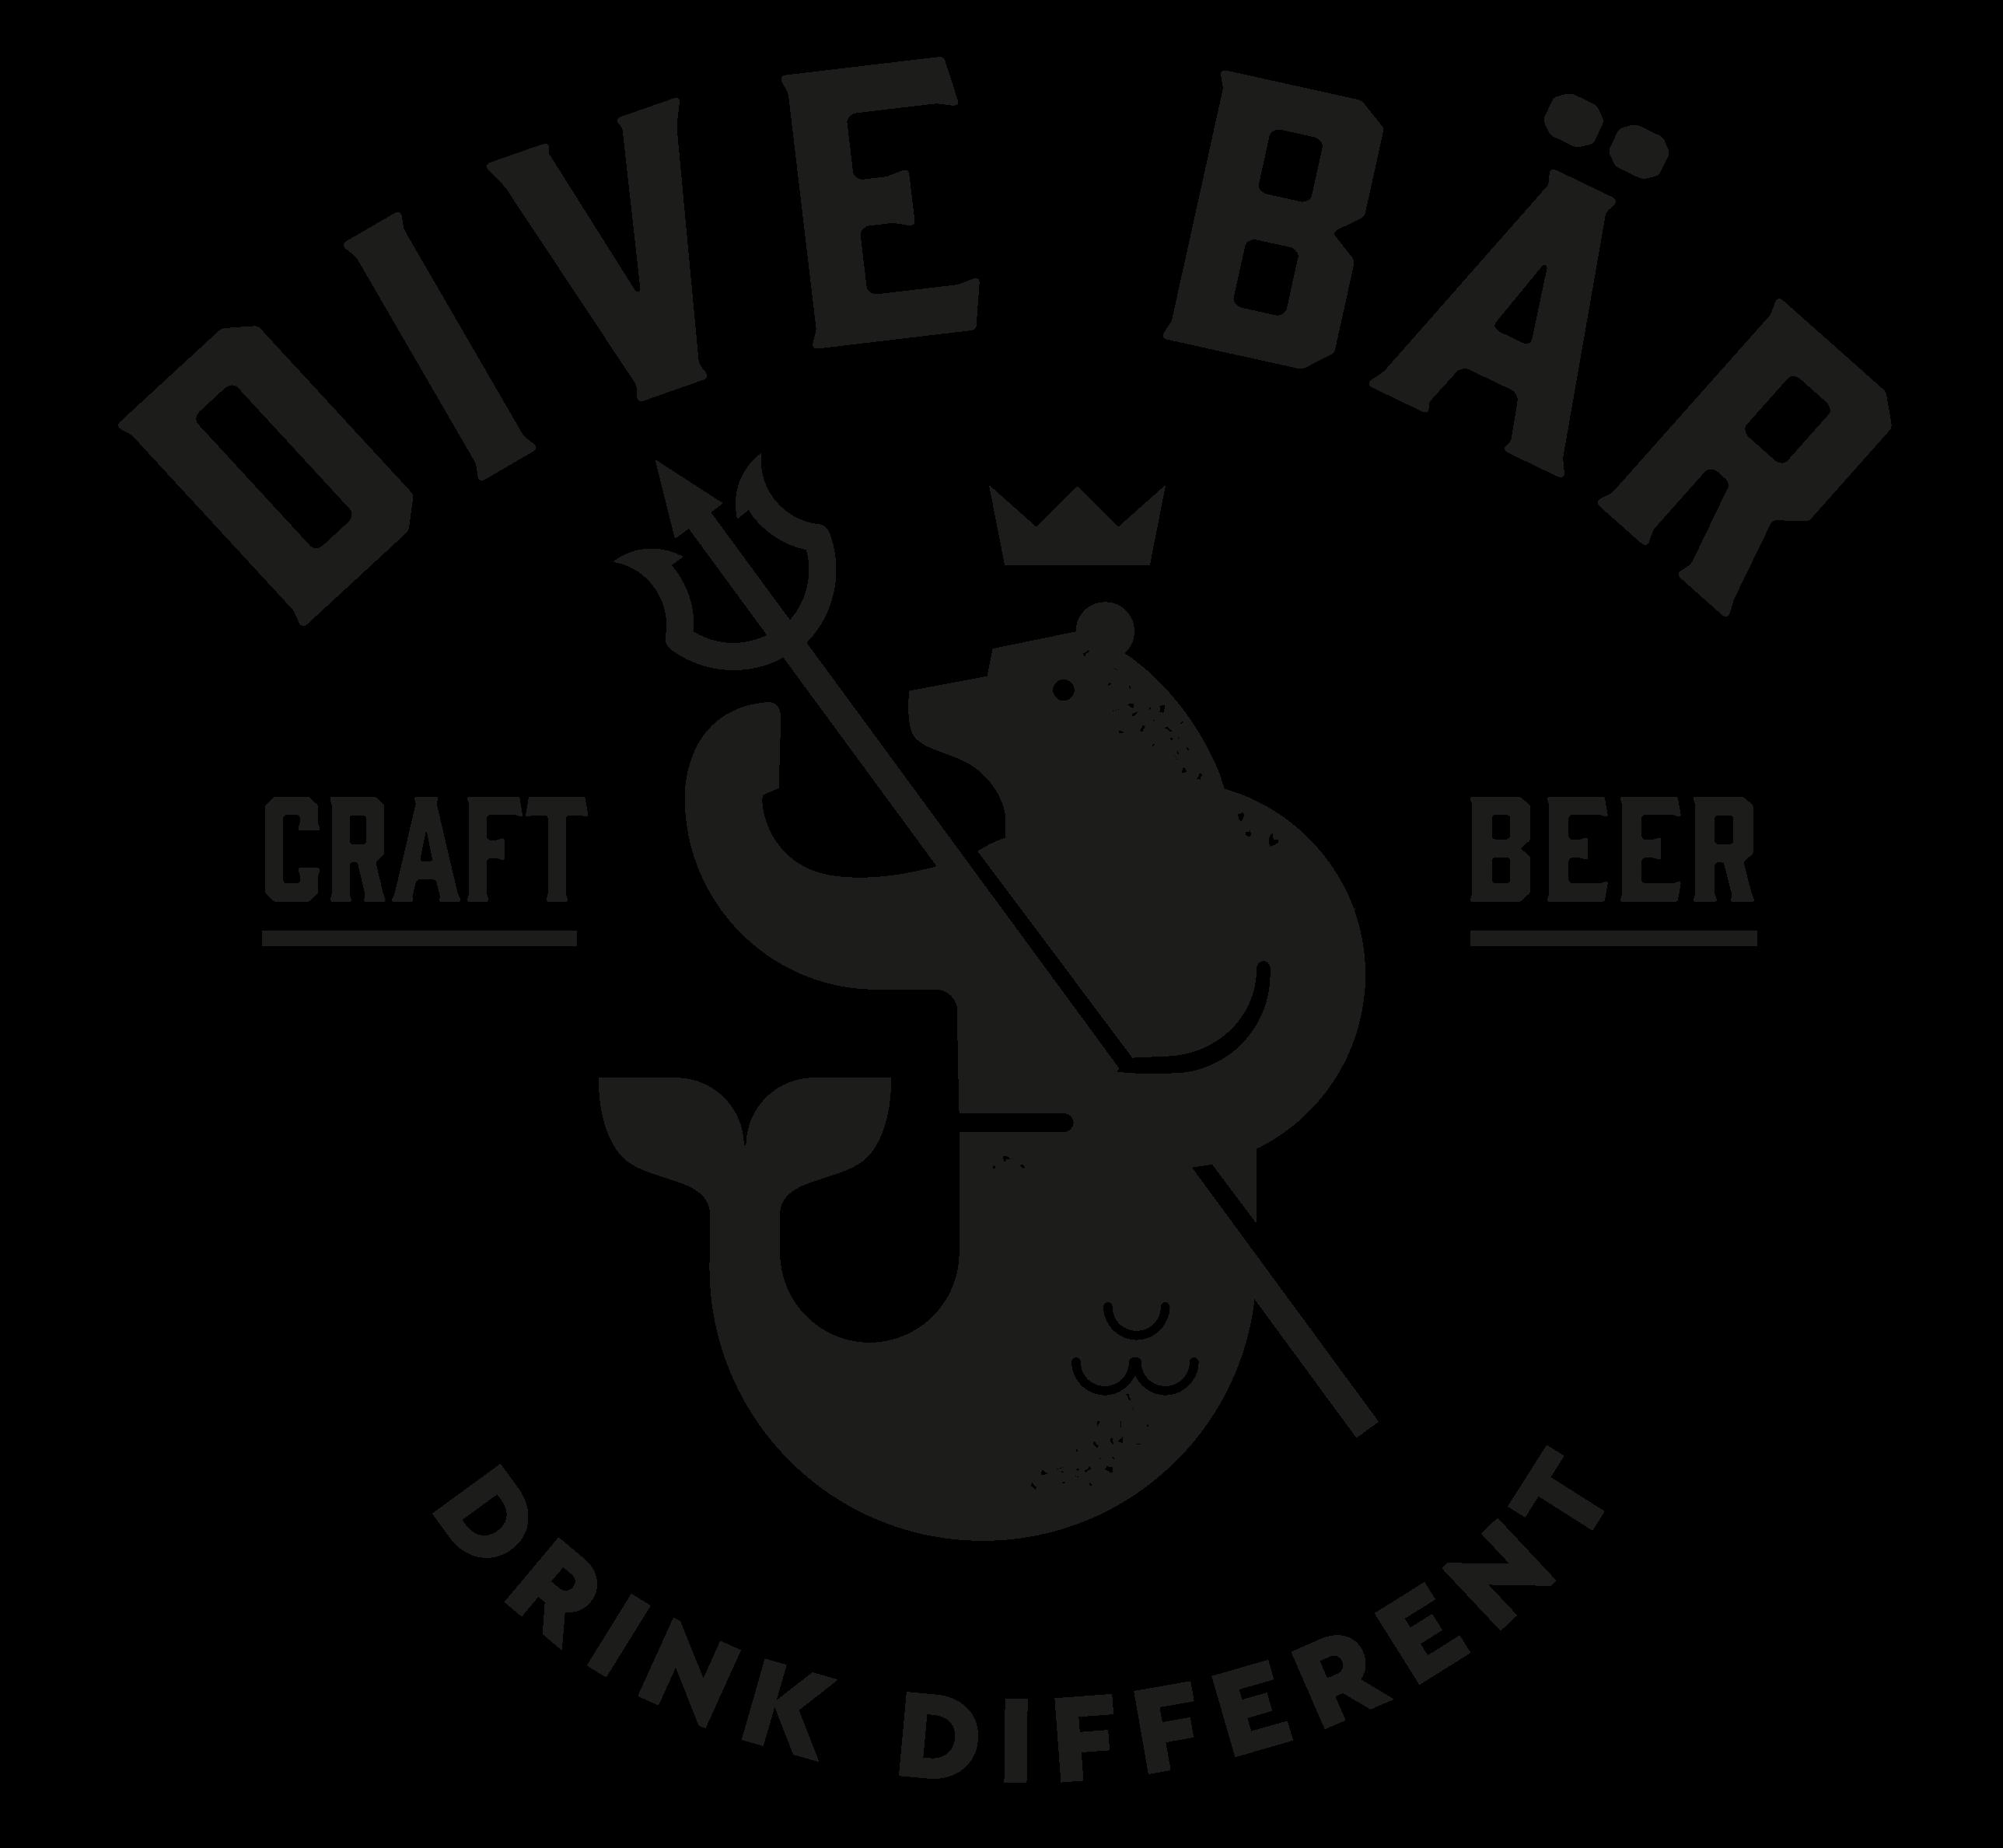 Bières artisanales * Dive Bär * Craft Brewery